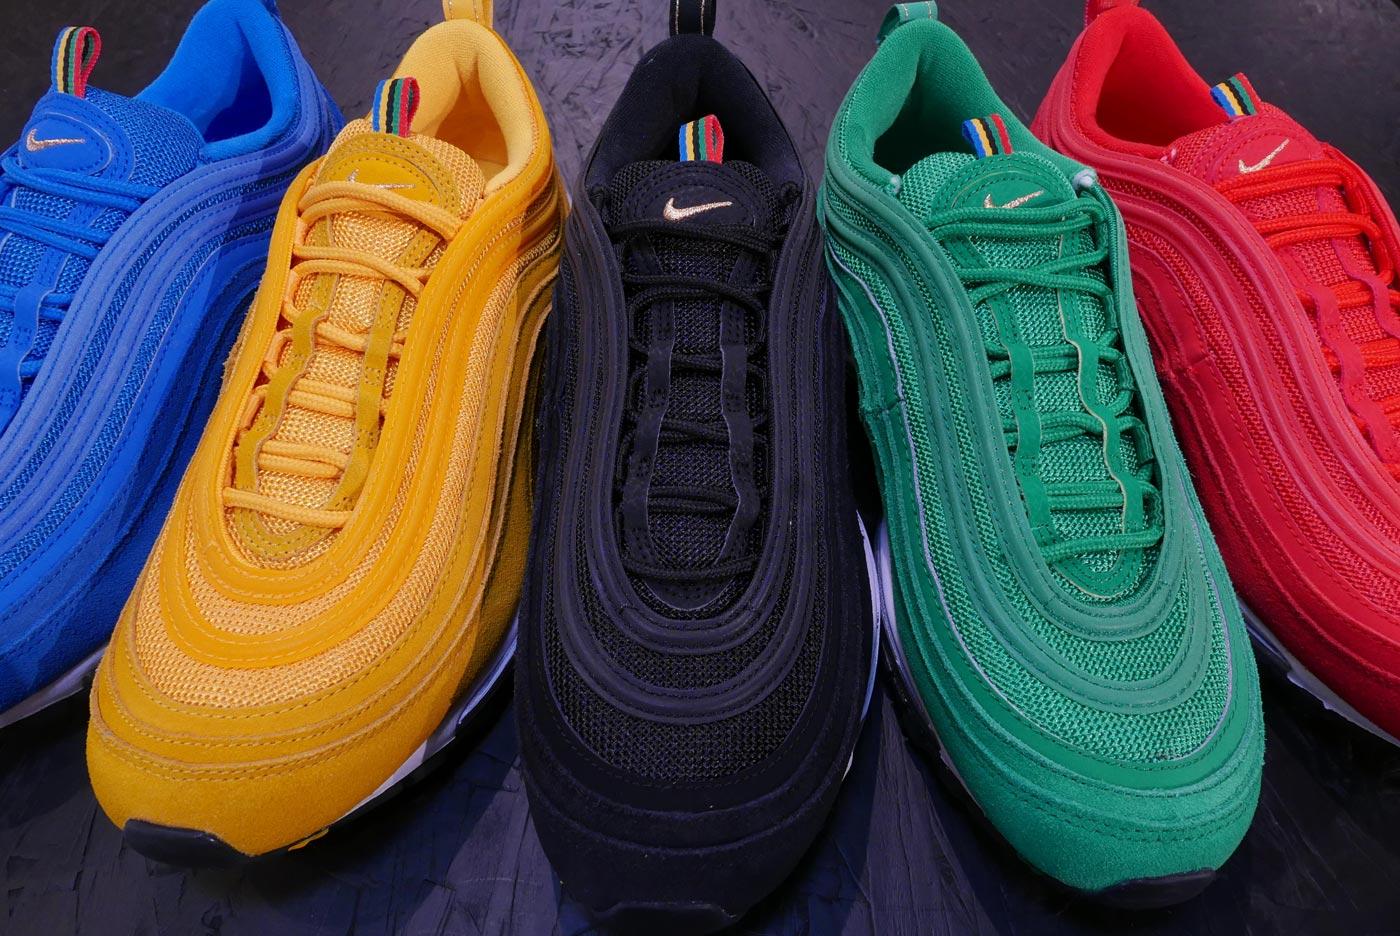 Nike Air Max 97 Olympic Rings Pack Le Site De La Sneaker